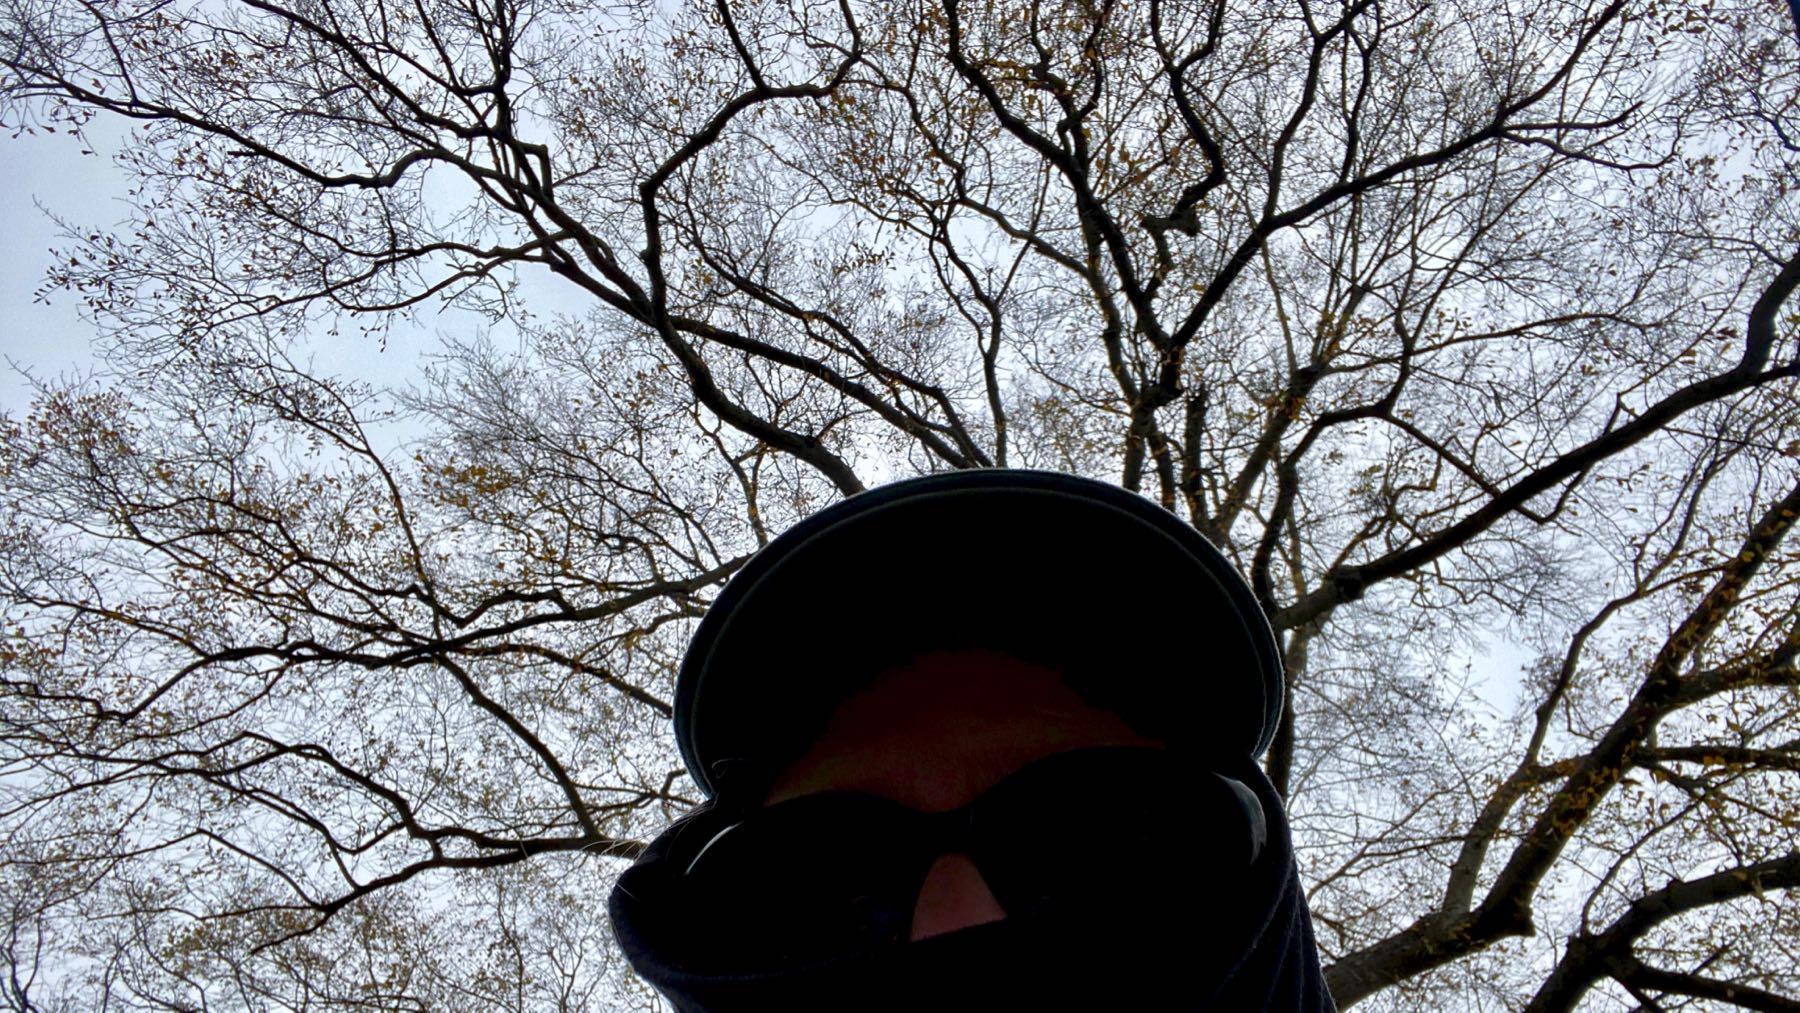 Mistletoe search